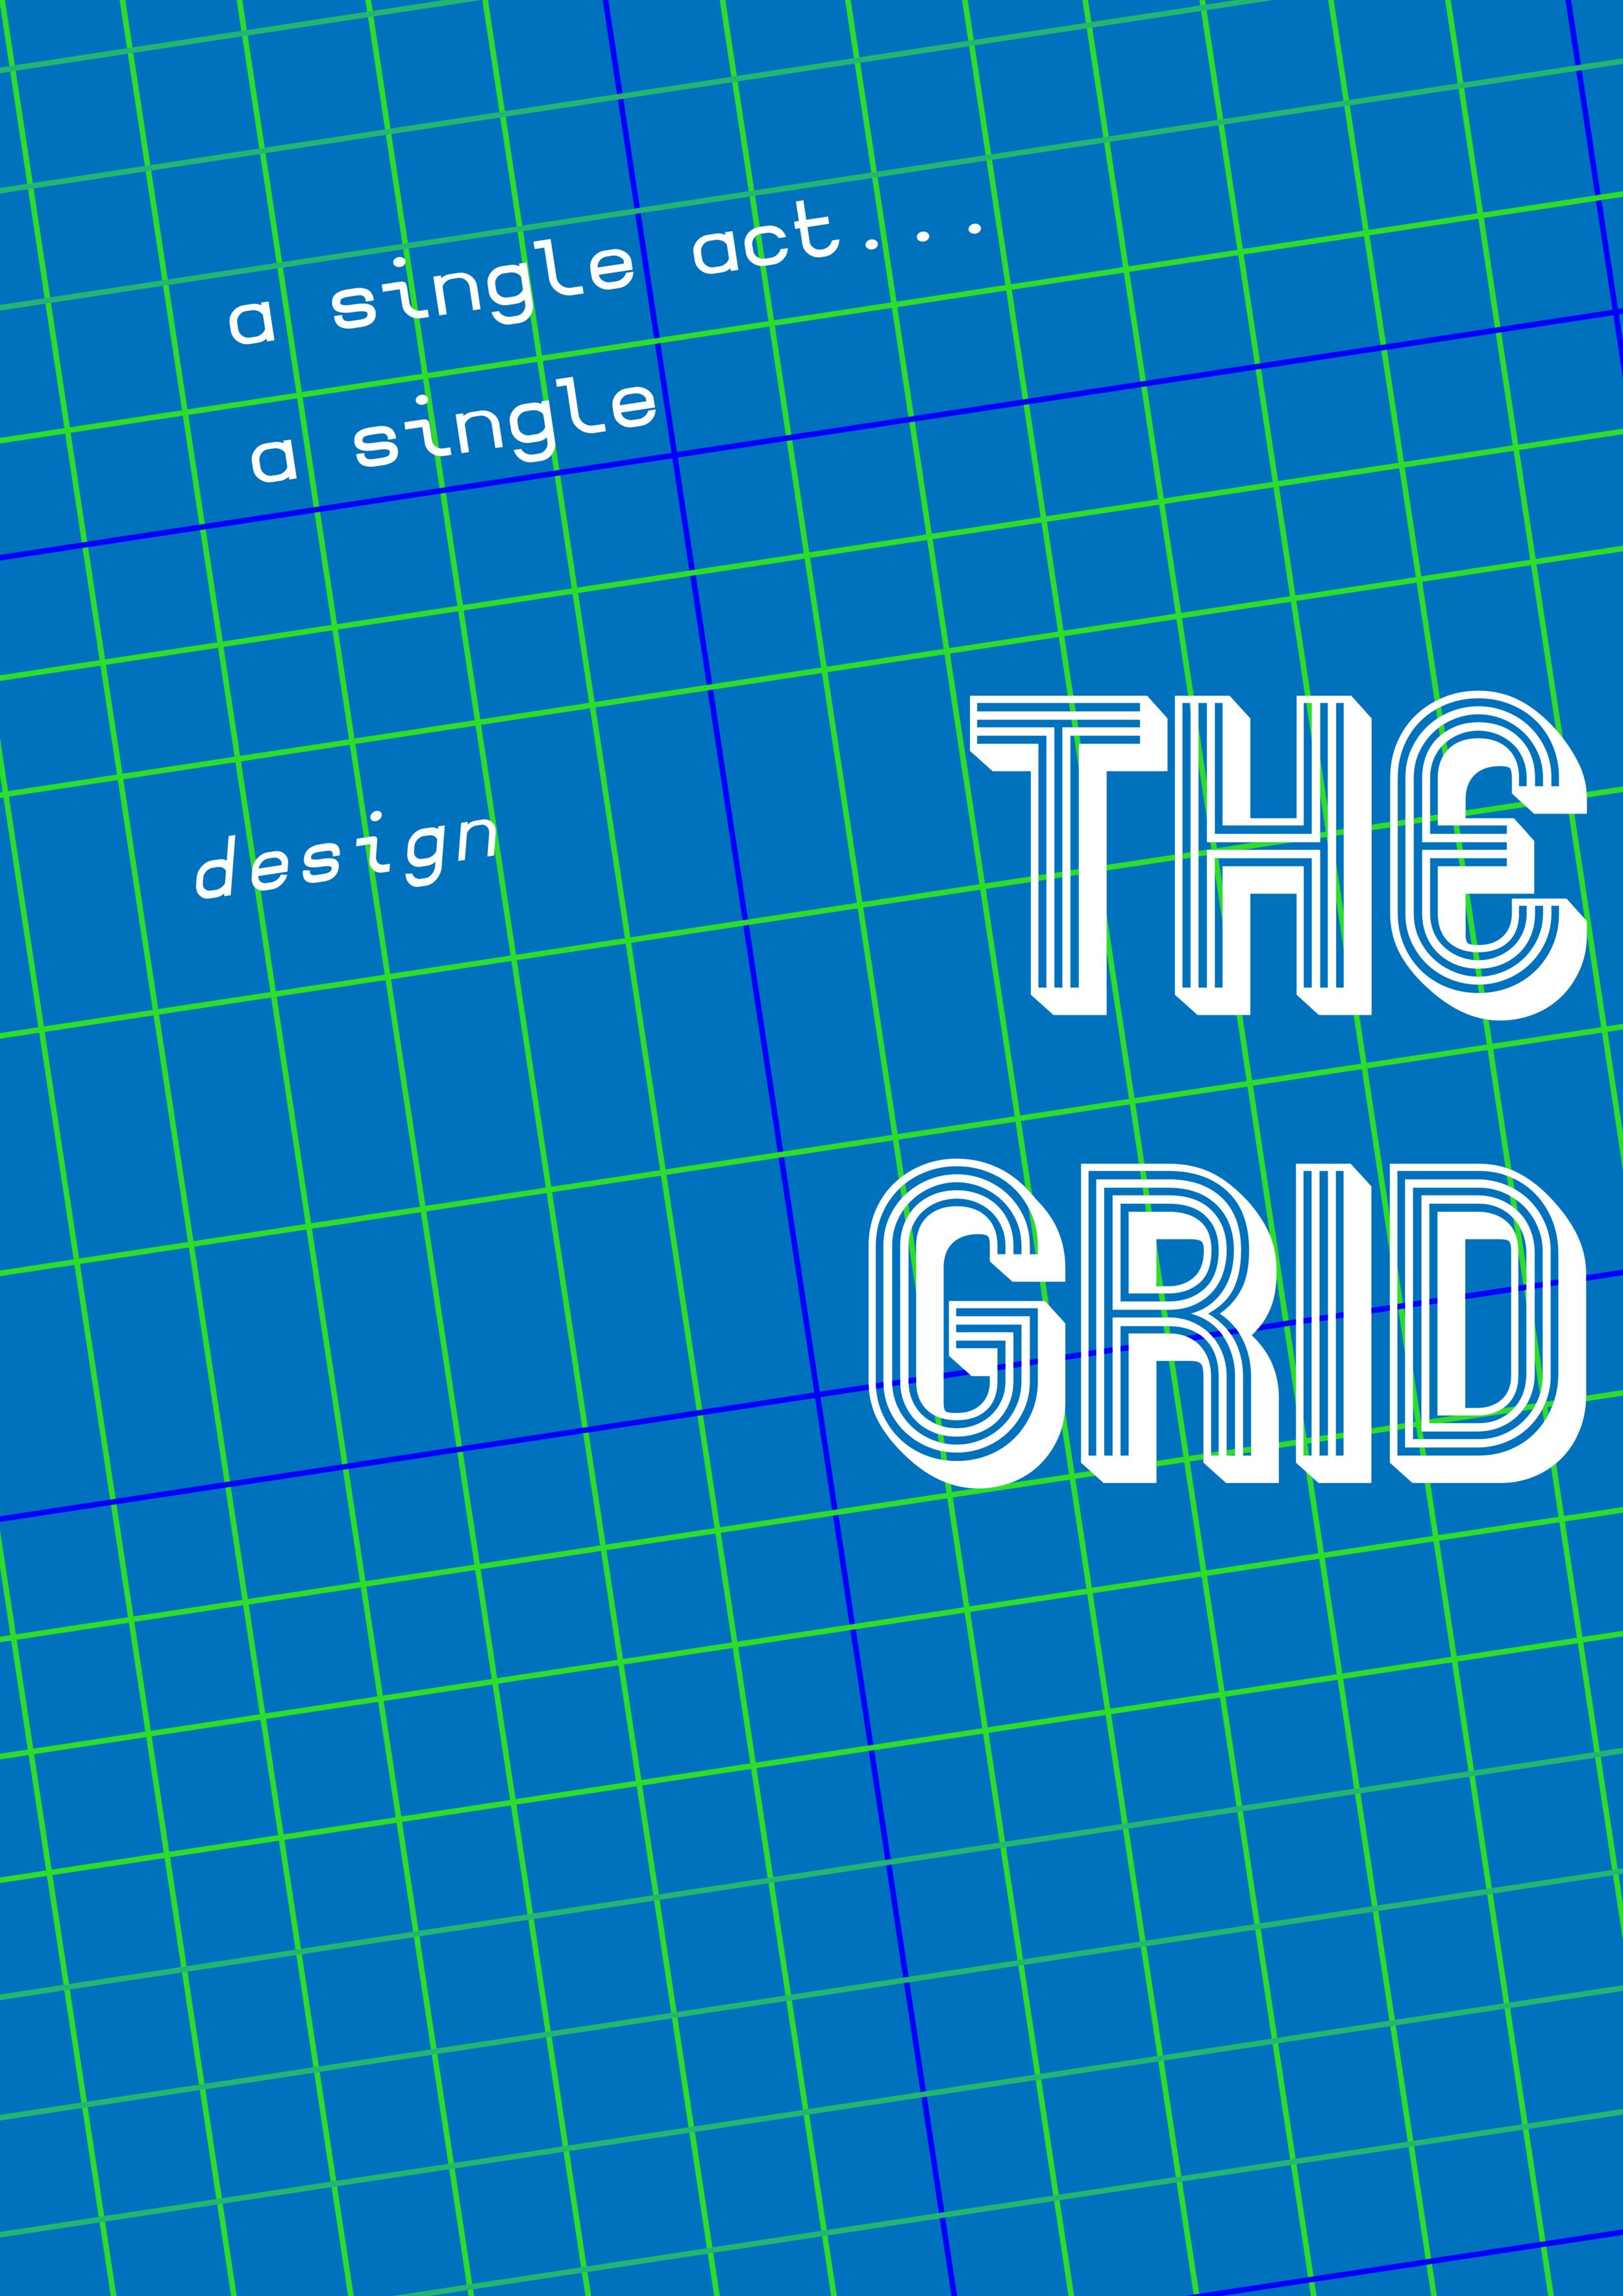 grid2-01.png